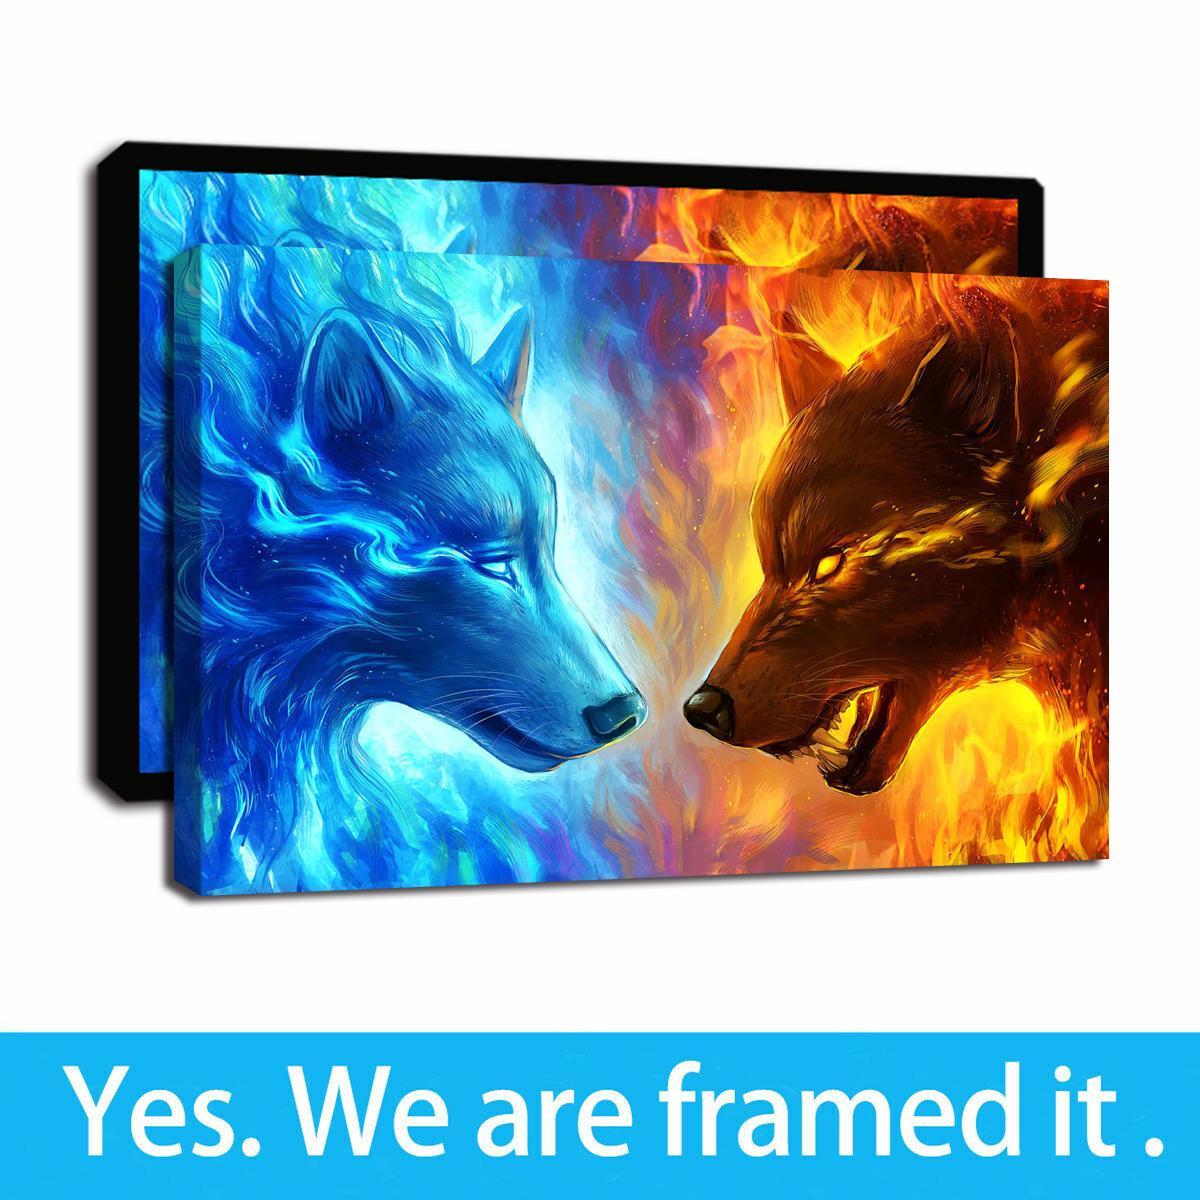 Arte de la pintura al óleo enmarcada Impresión en lienzo multicolor abstracto animal del arte del lobo fuego y hielo imagen Decoración listo para colgar